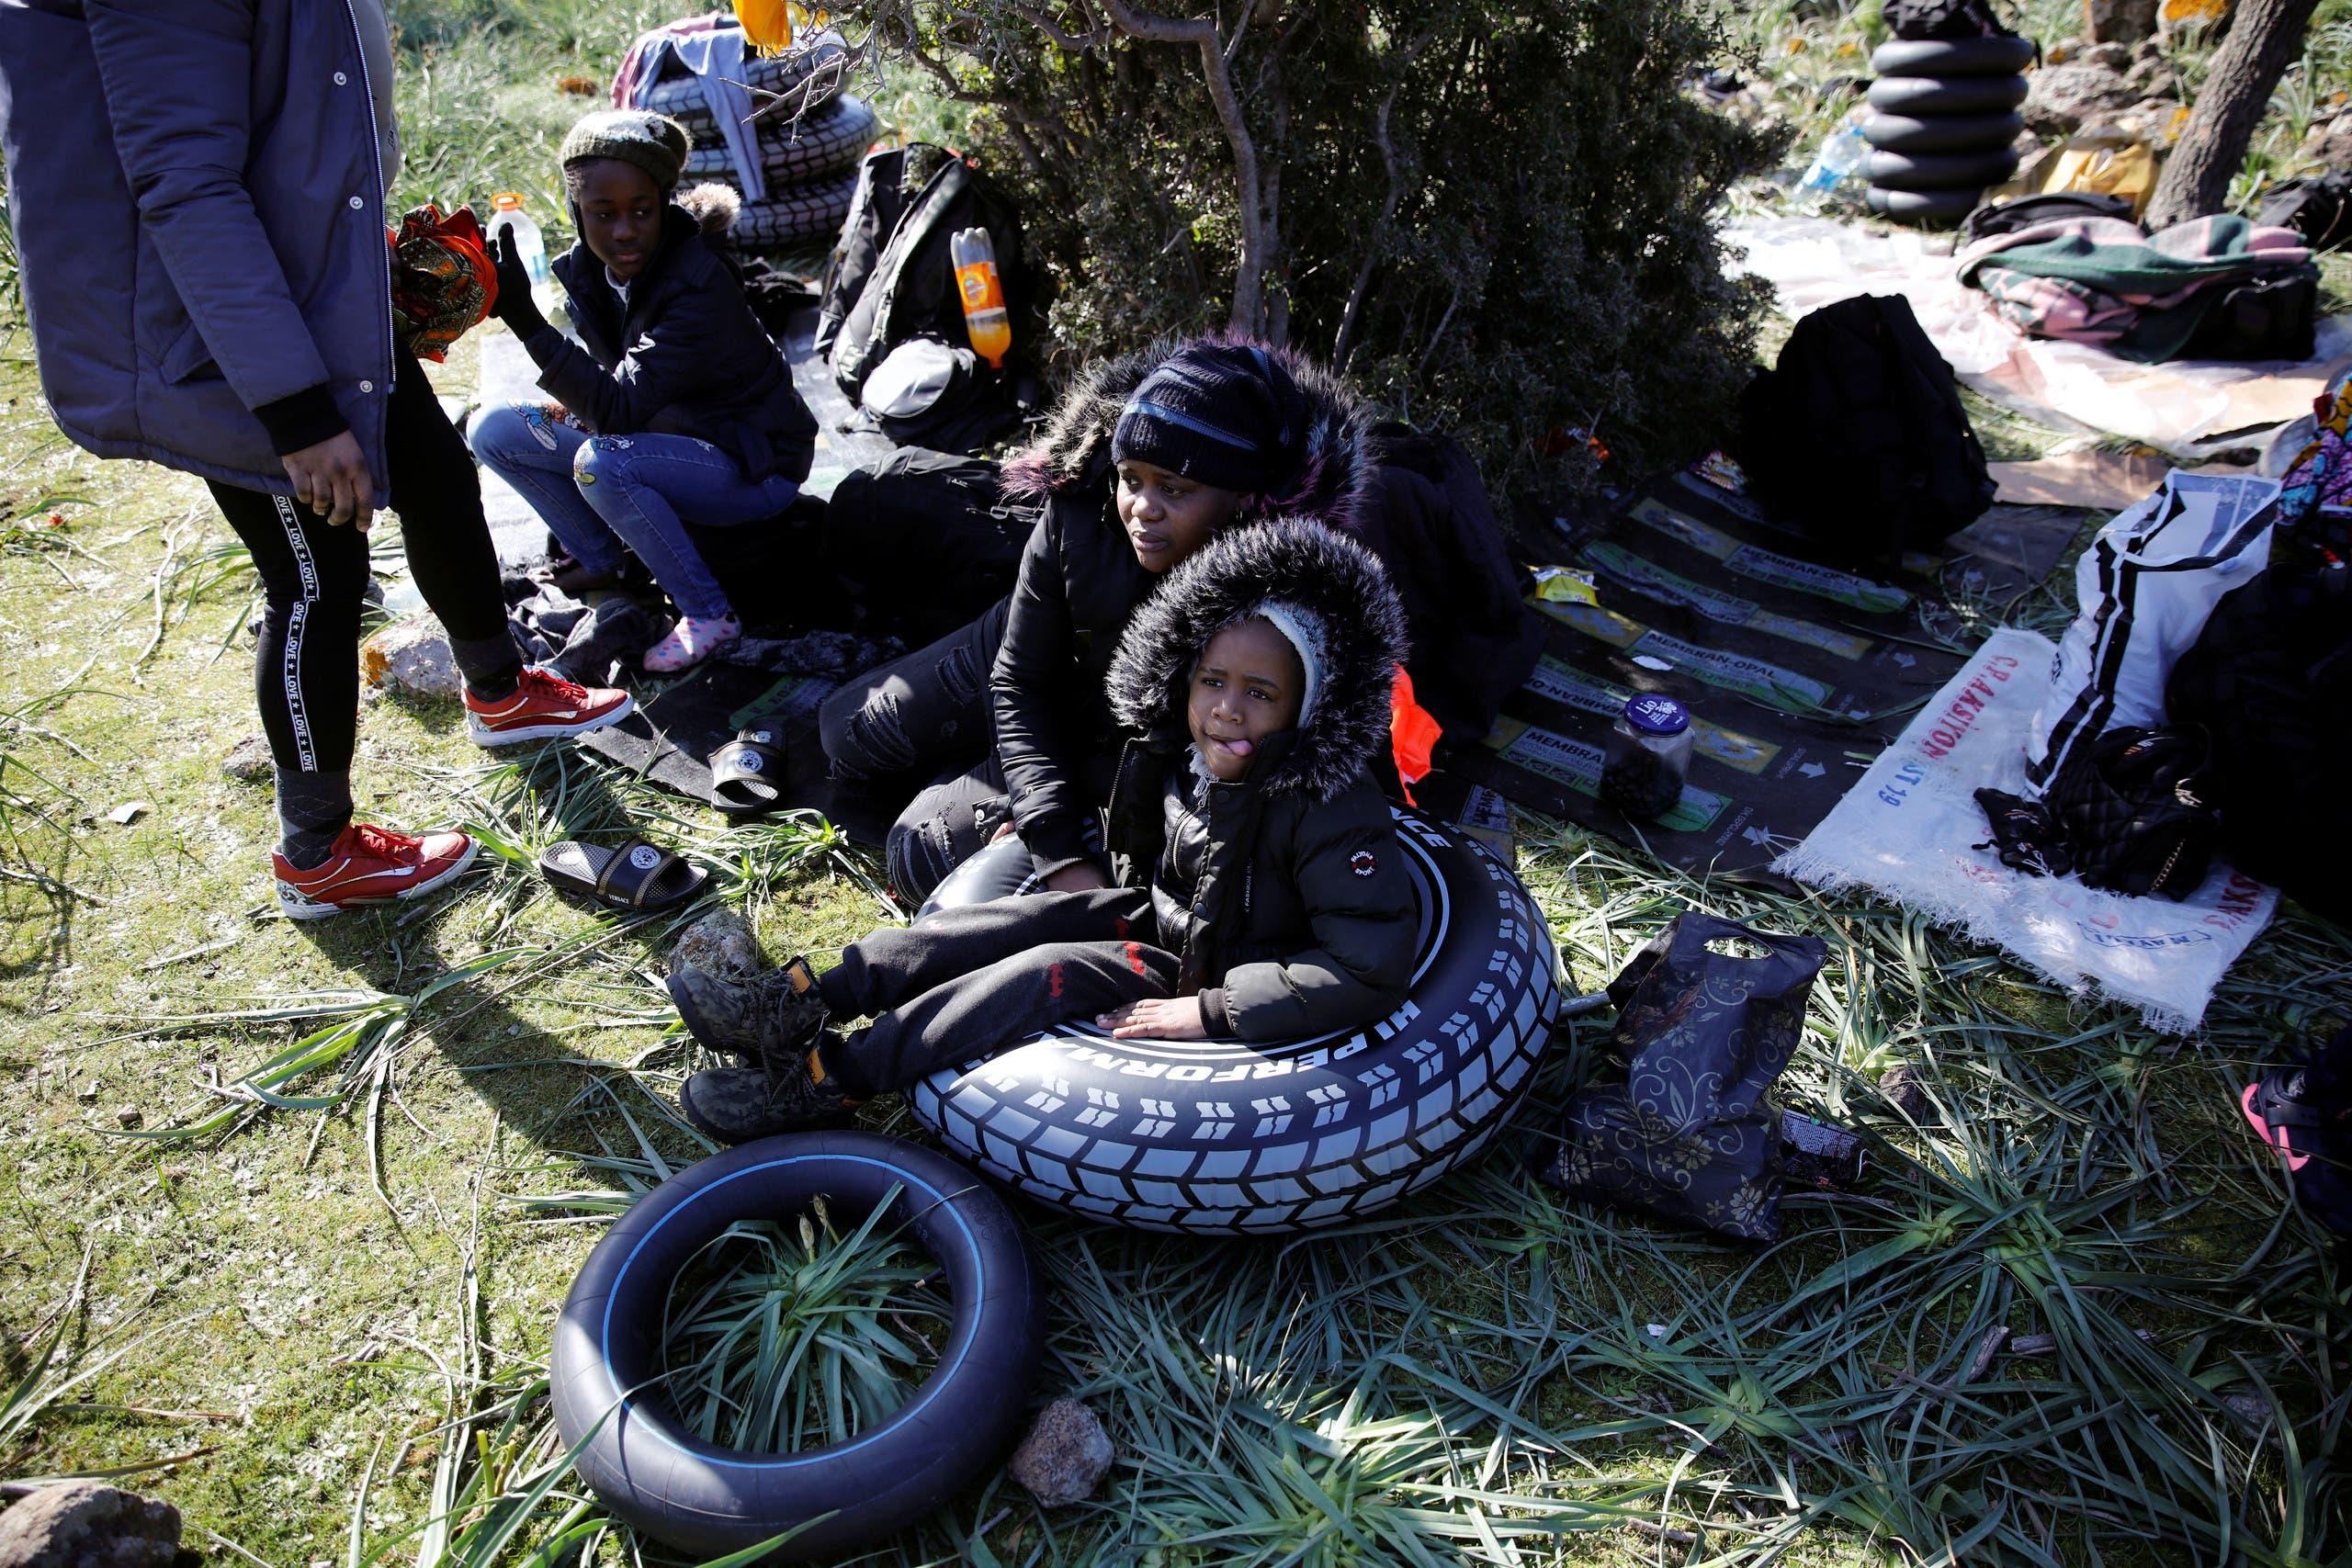 مهاجرون في غرب تركيا ينتظرون ركوب قارب يقلهم إلى الجزر اليونانية